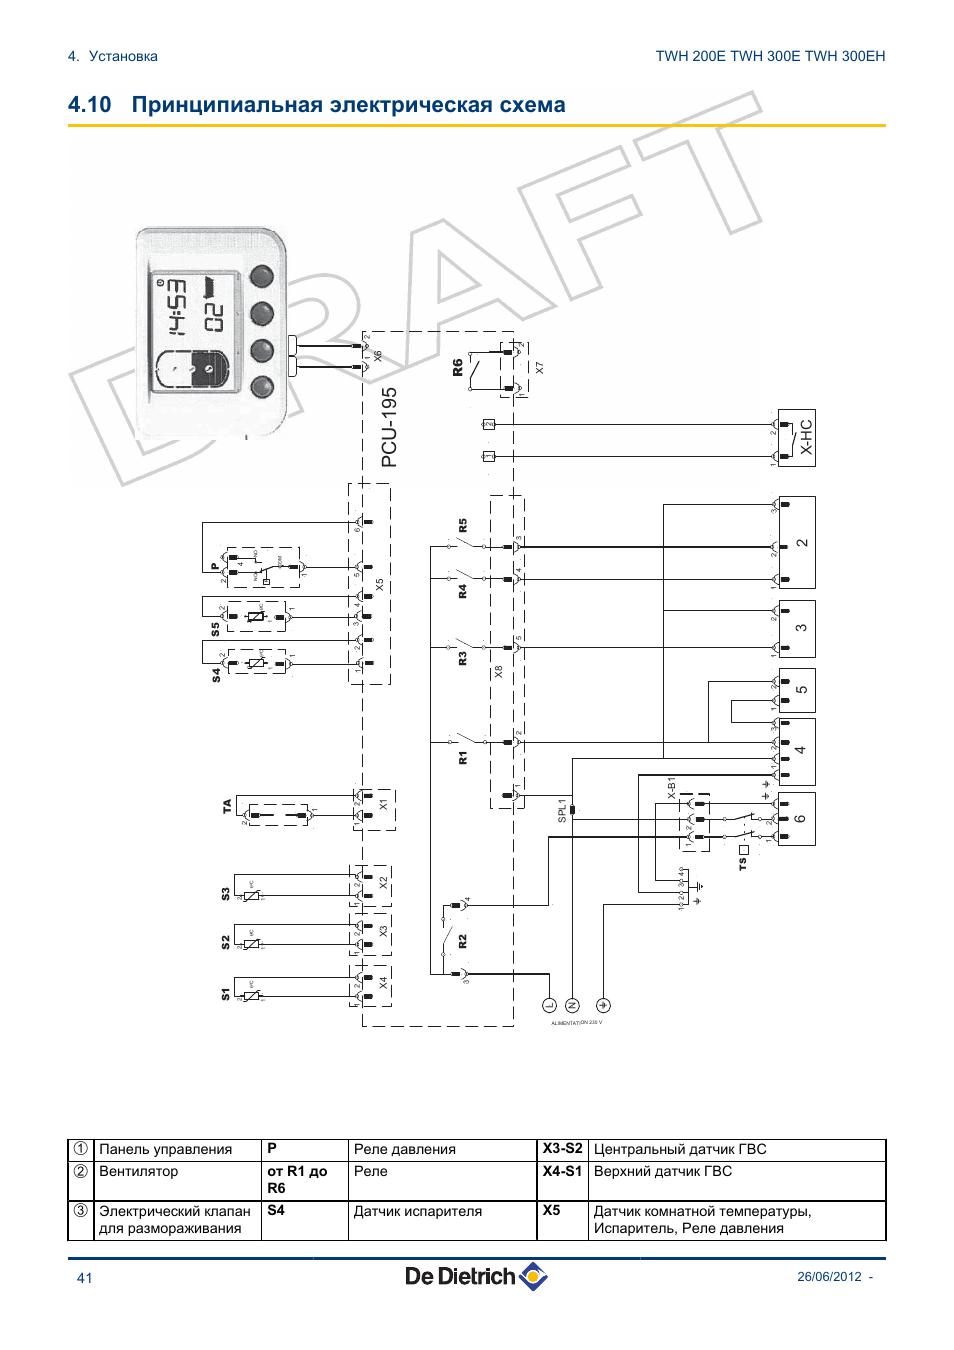 Принципиальная электрическая схема управления вентилятором